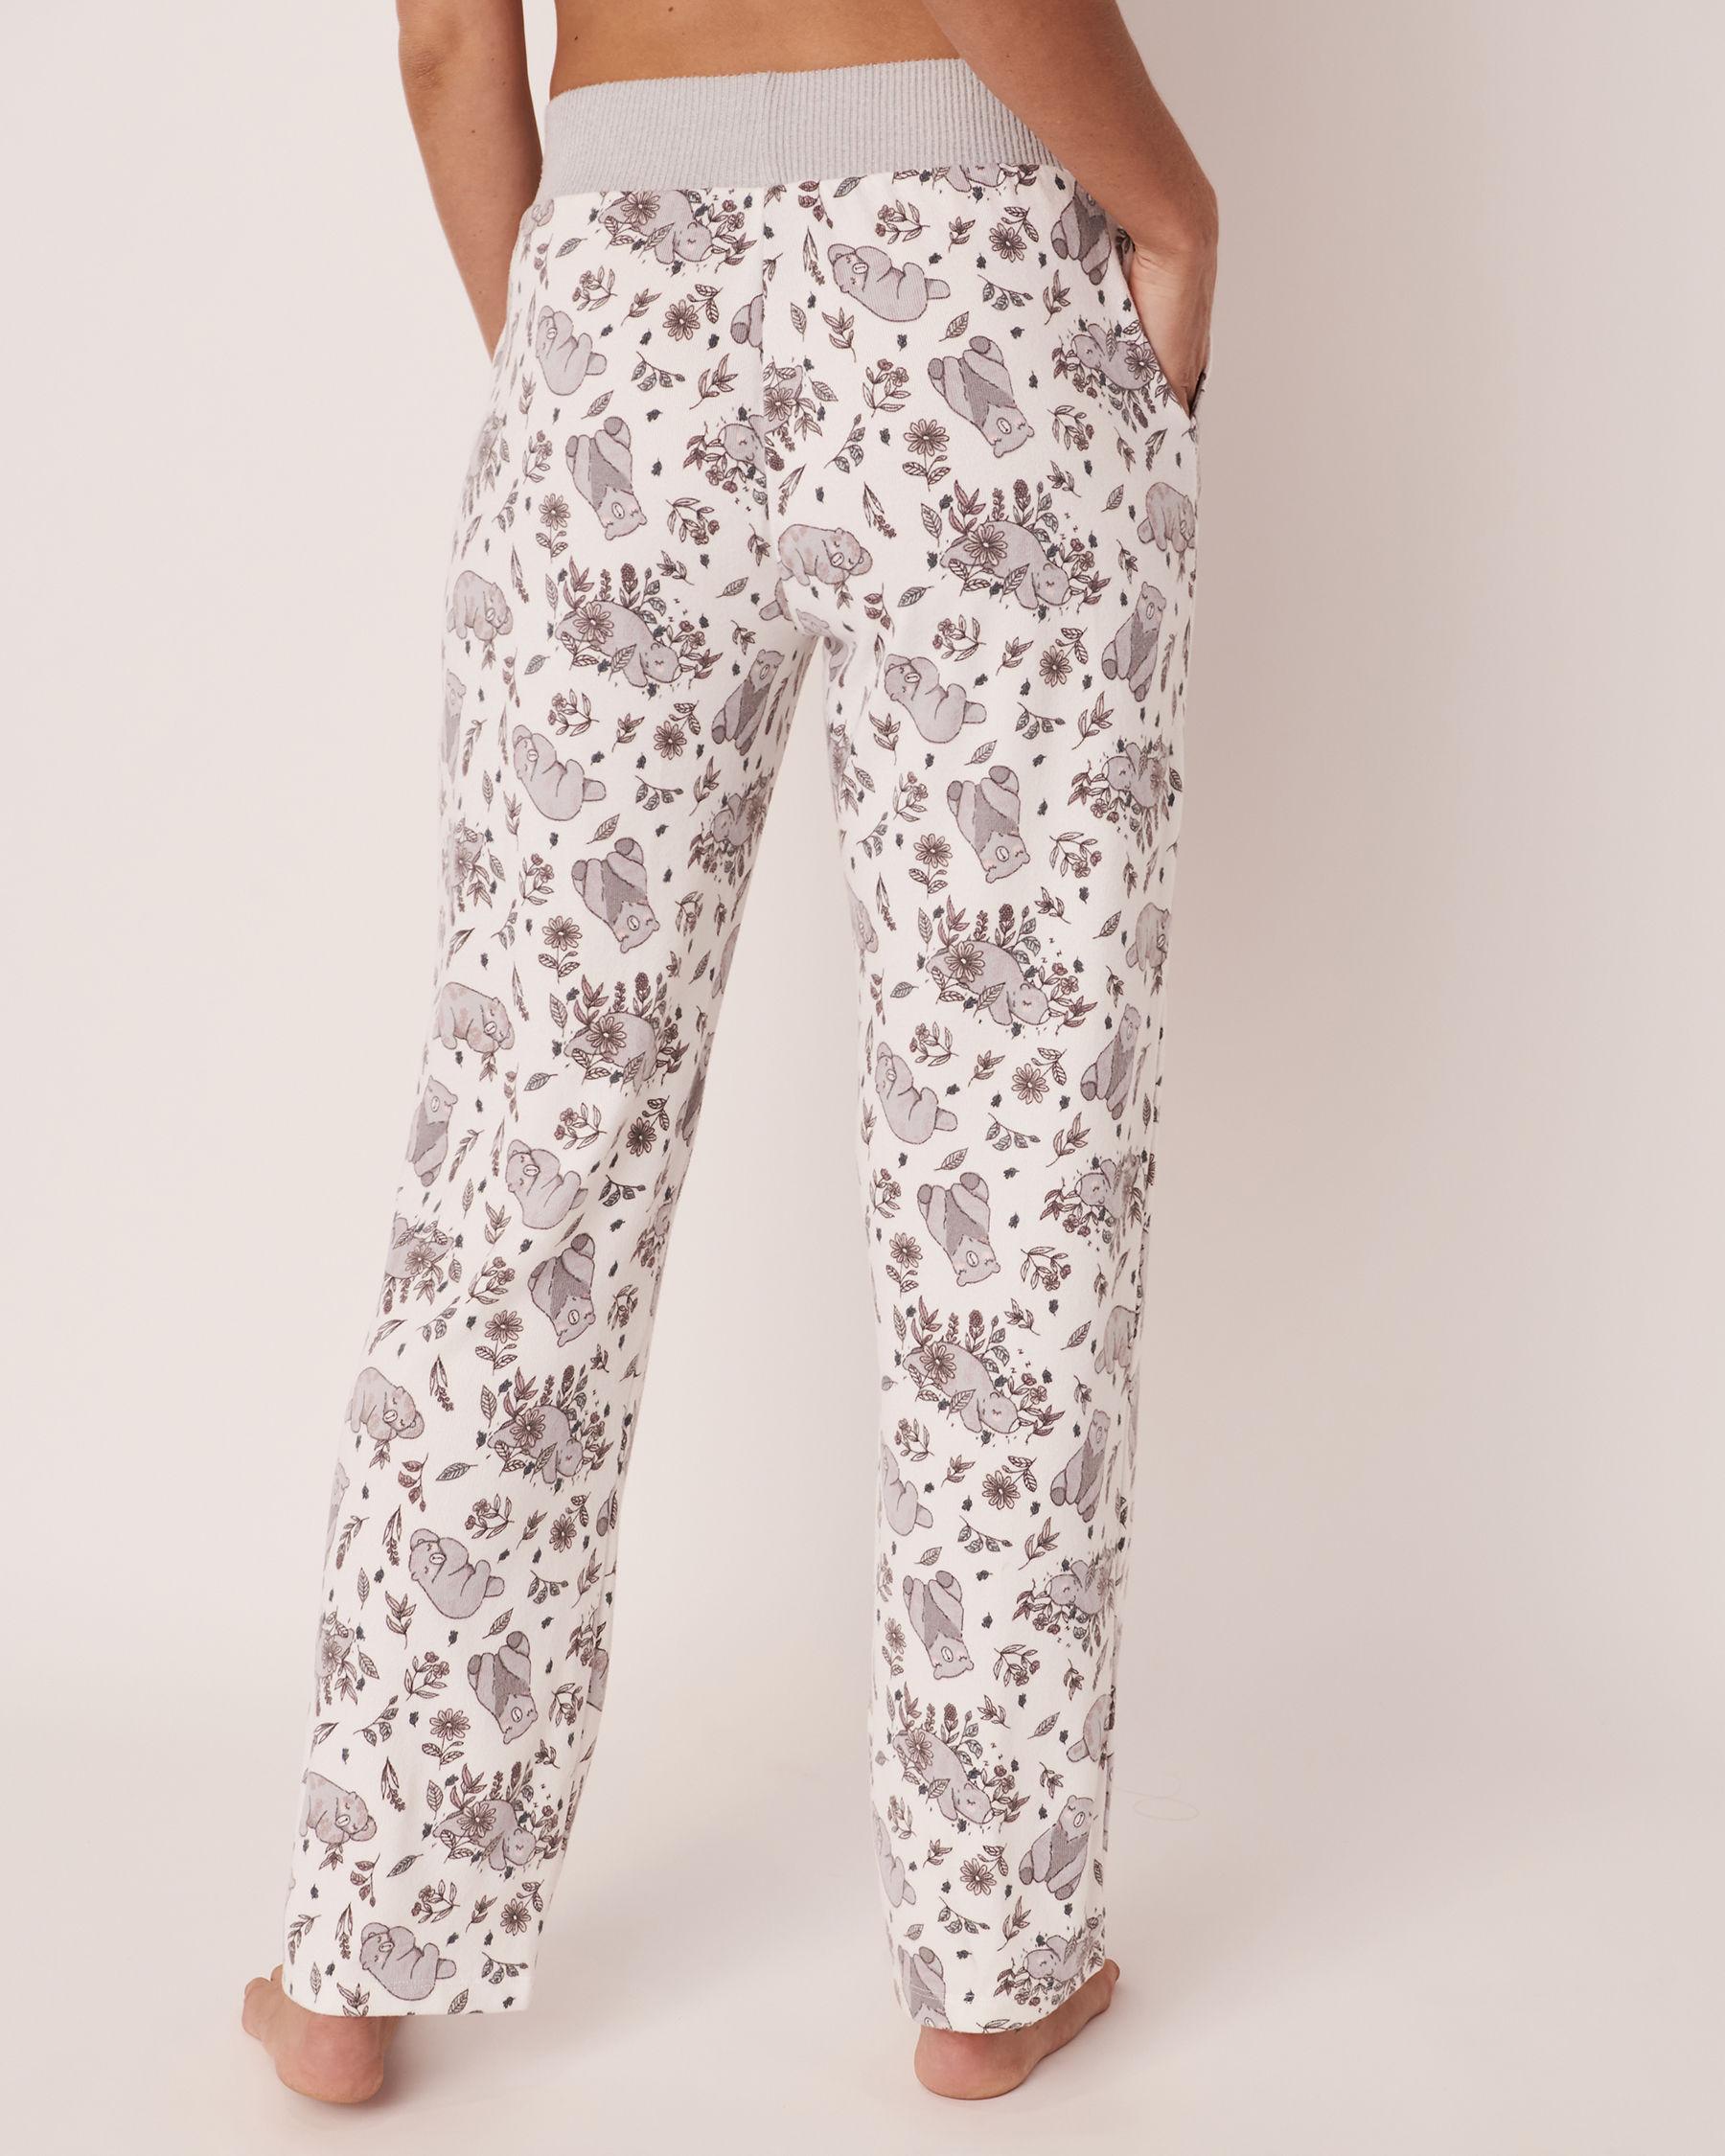 LA VIE EN ROSE Pantalon jambe droite en fibres recyclées Ours 40200134 - Voir2